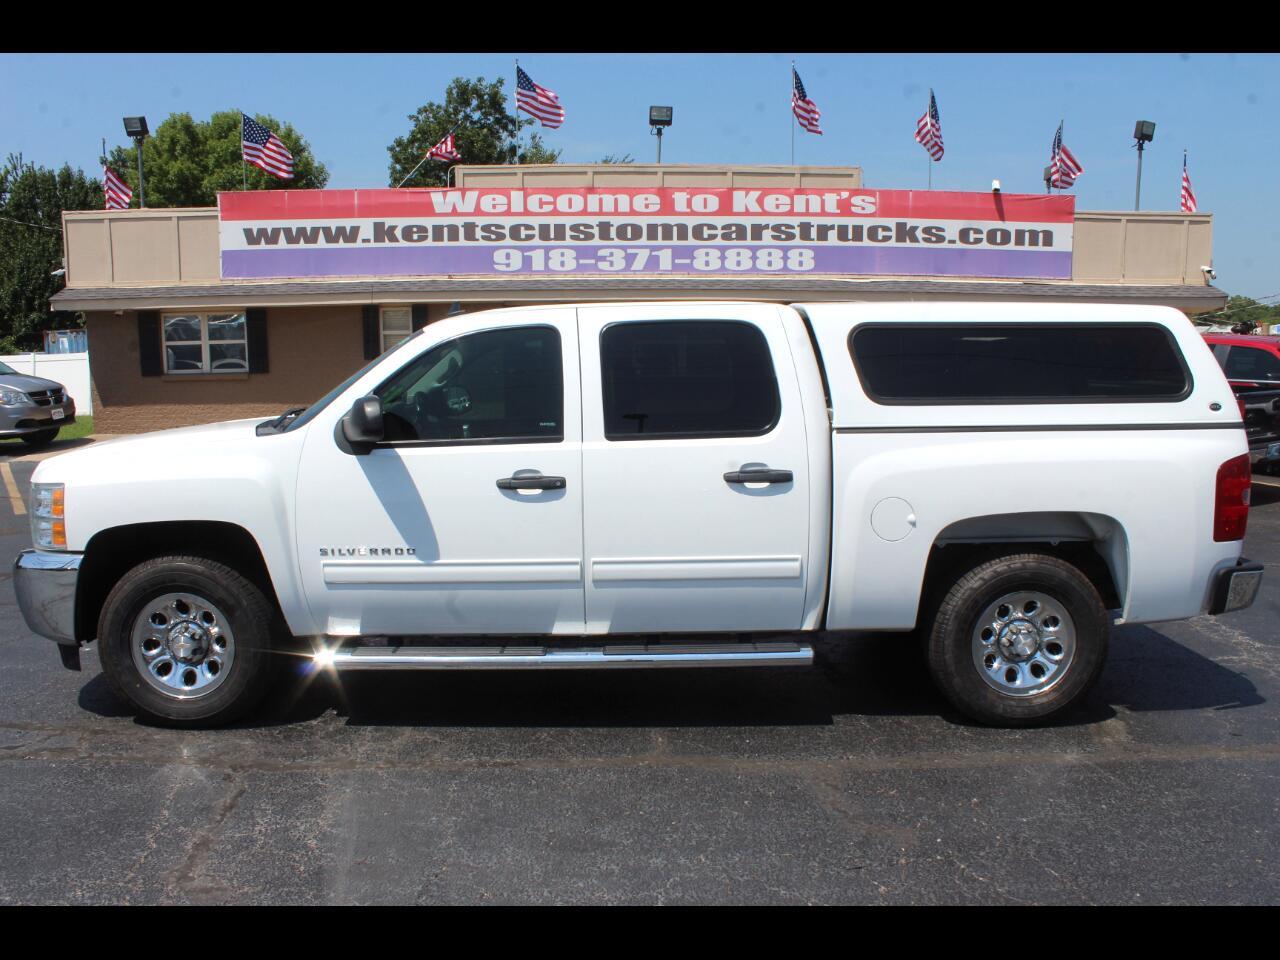 2013 Chevrolet Silverado 1500 LS Crew Cab 2WD 5.8 ft. Short Bed